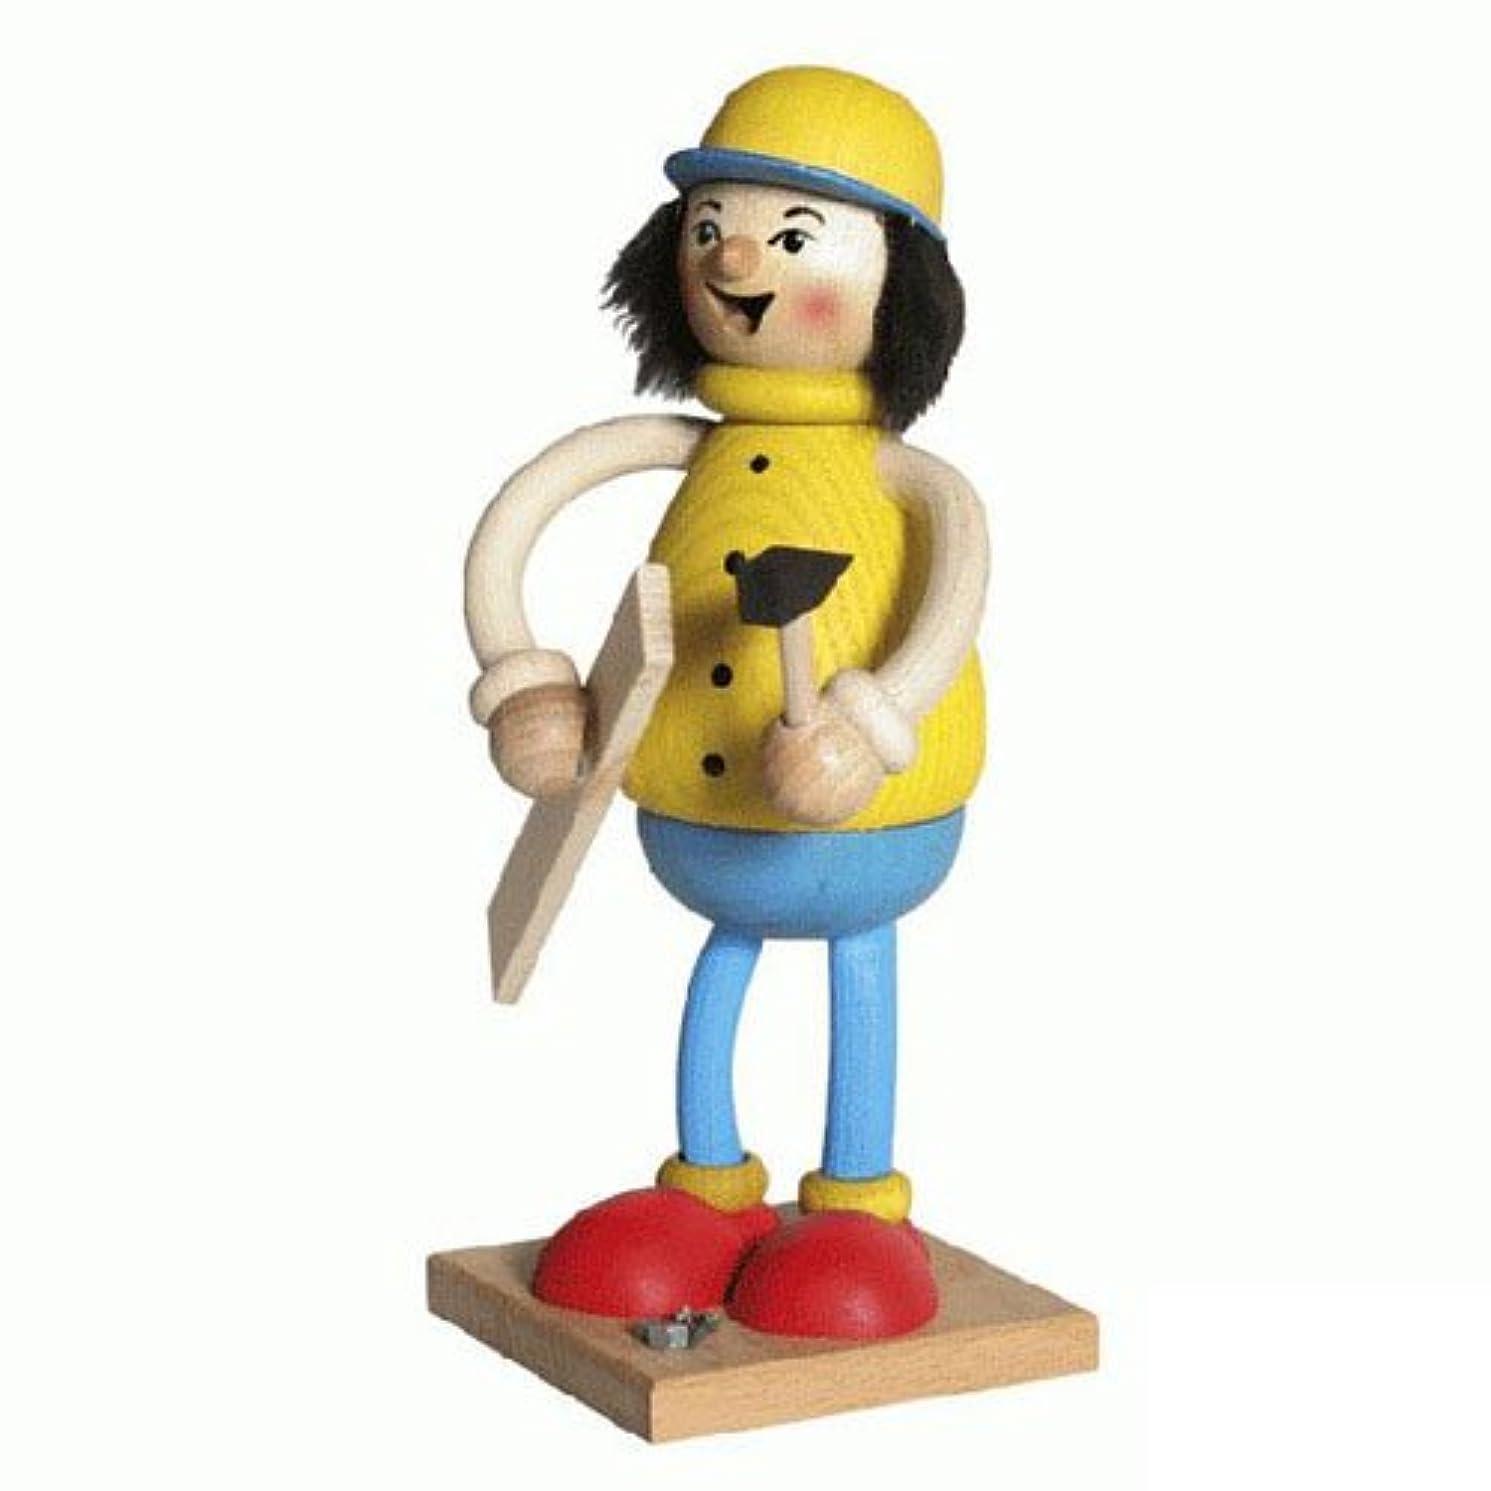 見えるエスカレート真実39096 Kuhnert(クーネルト) ミニパイプ人形香炉 DIY